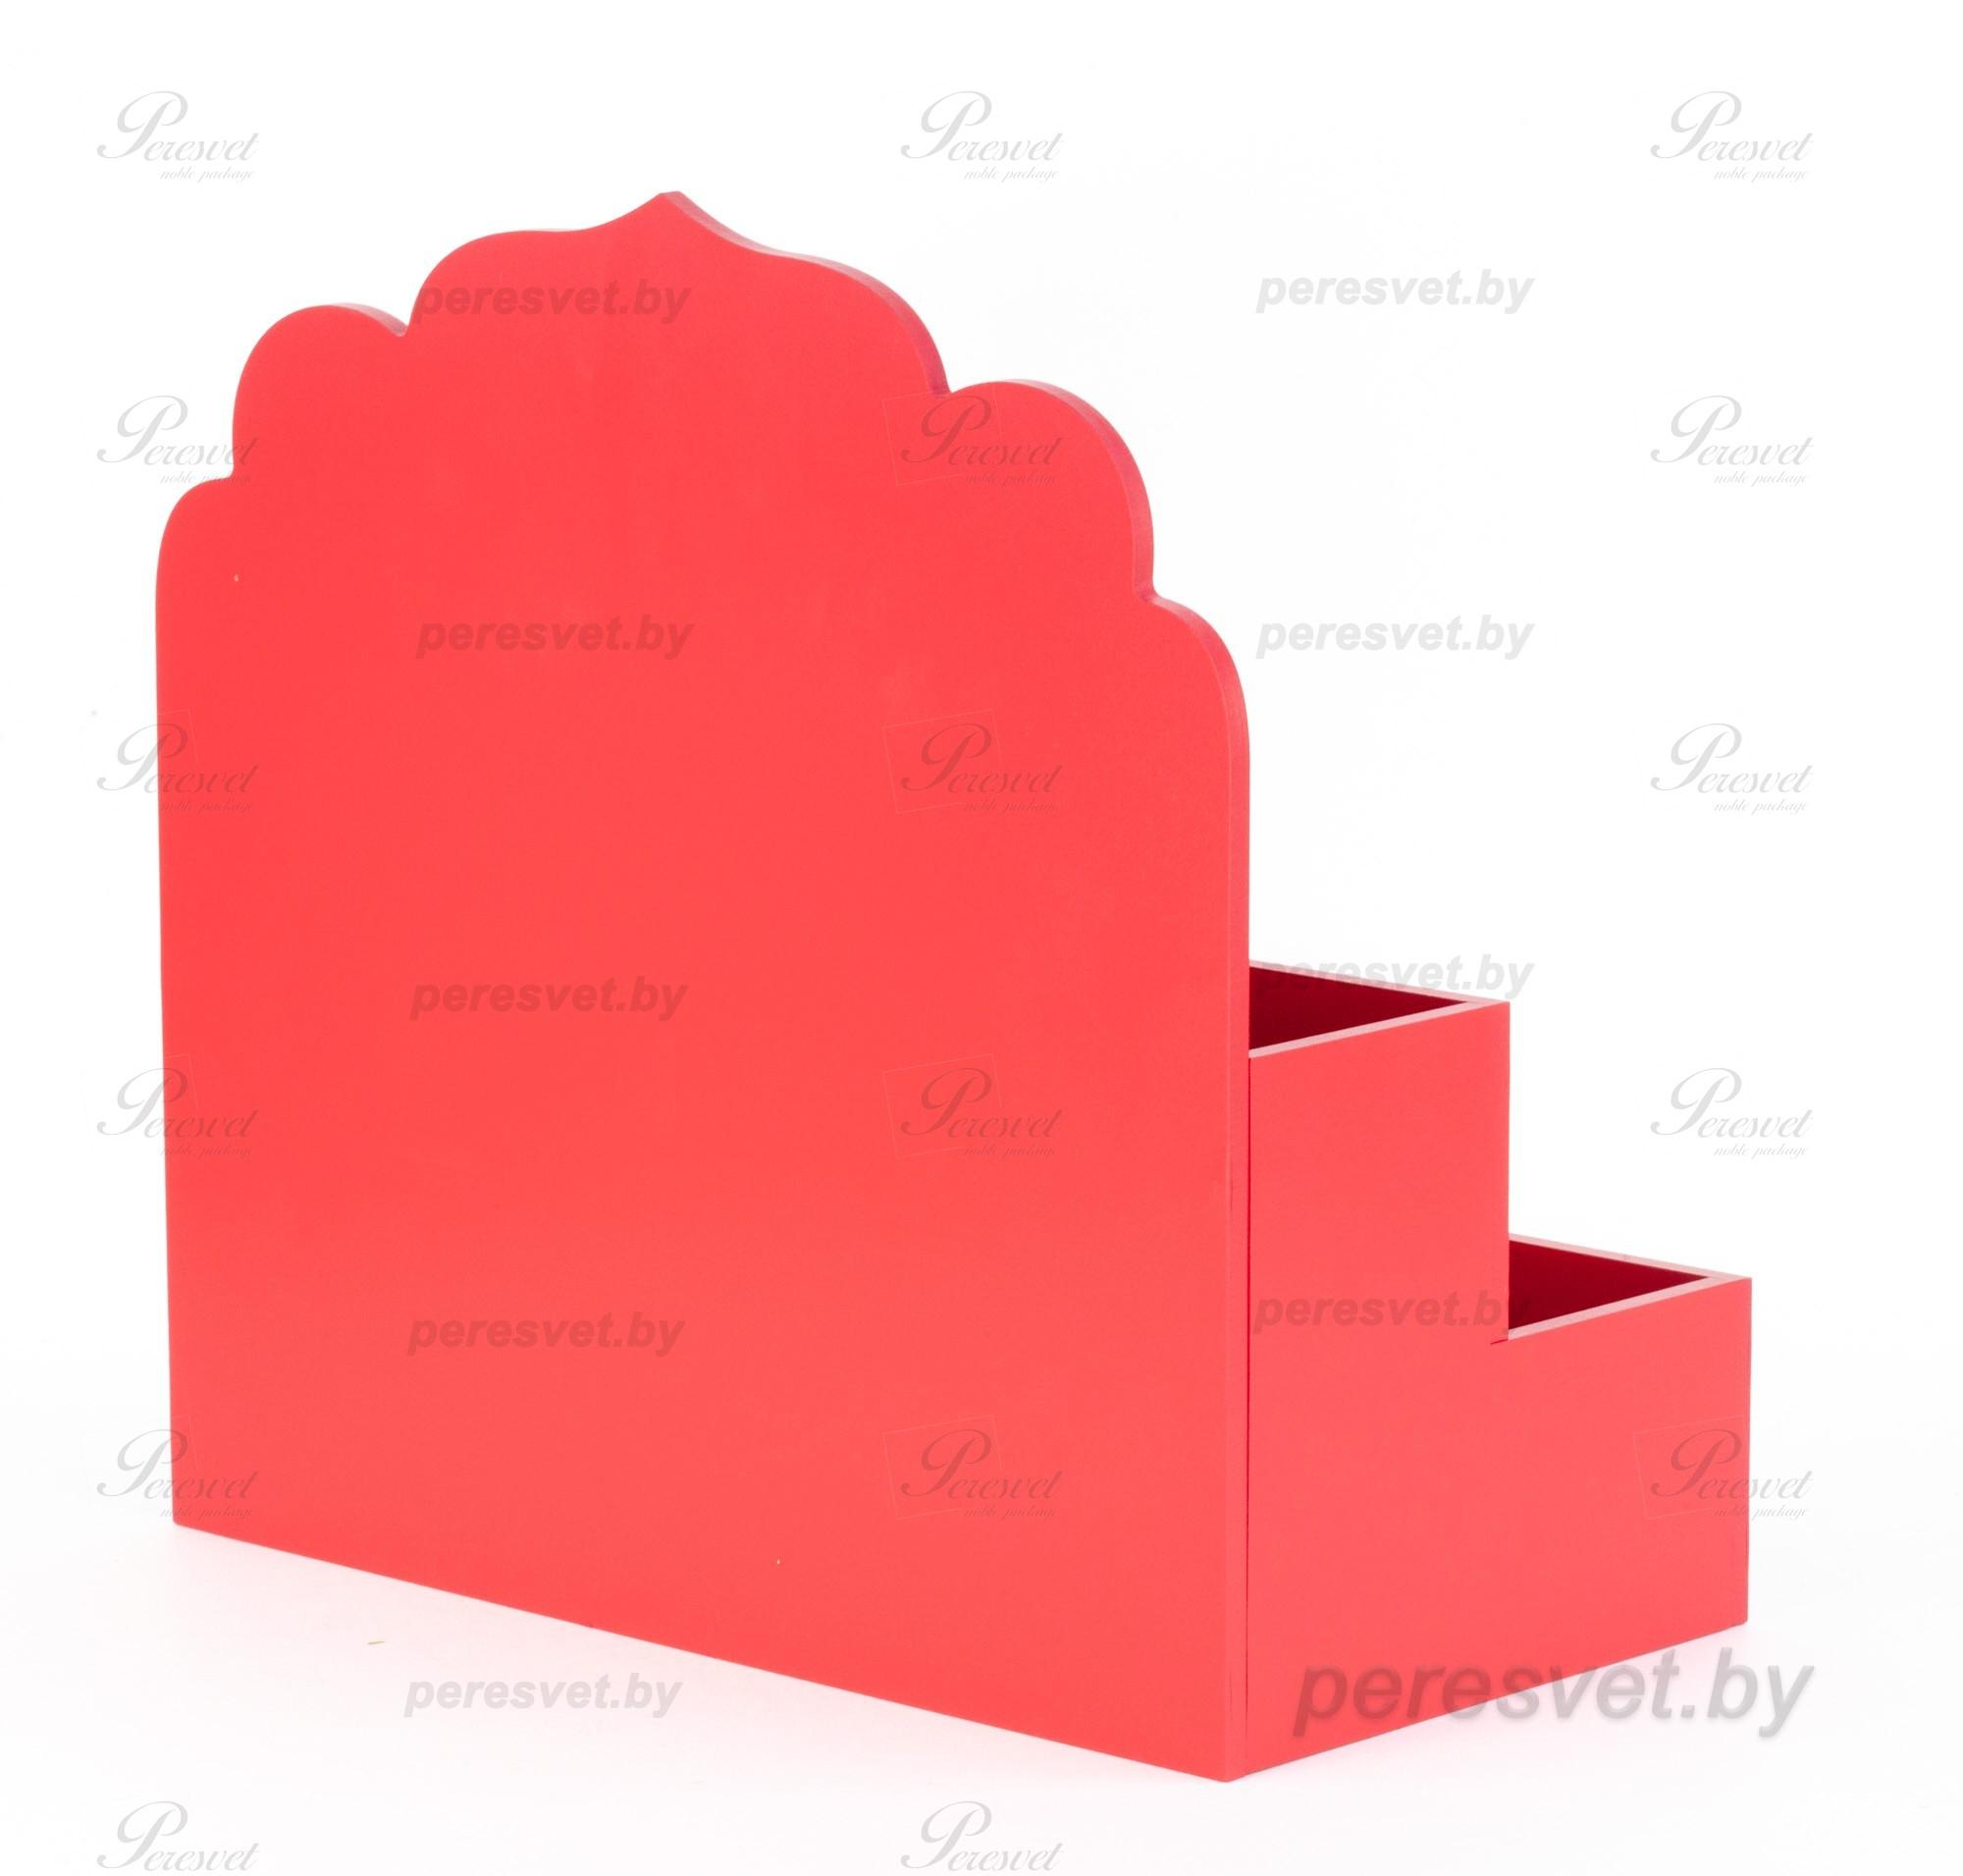 Деревянная коробка для чая Саше с нанесением логотипа на peresvet.by